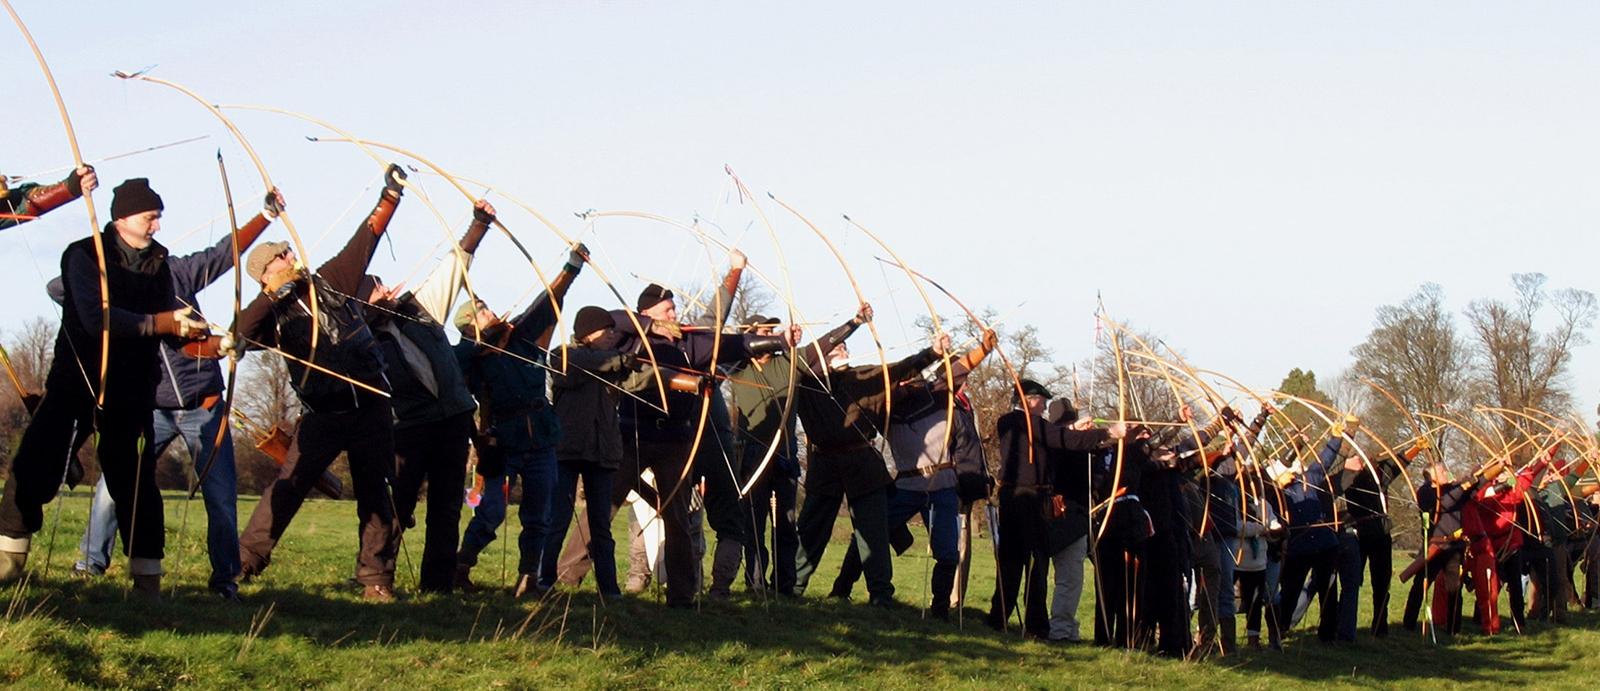 Archery longbow